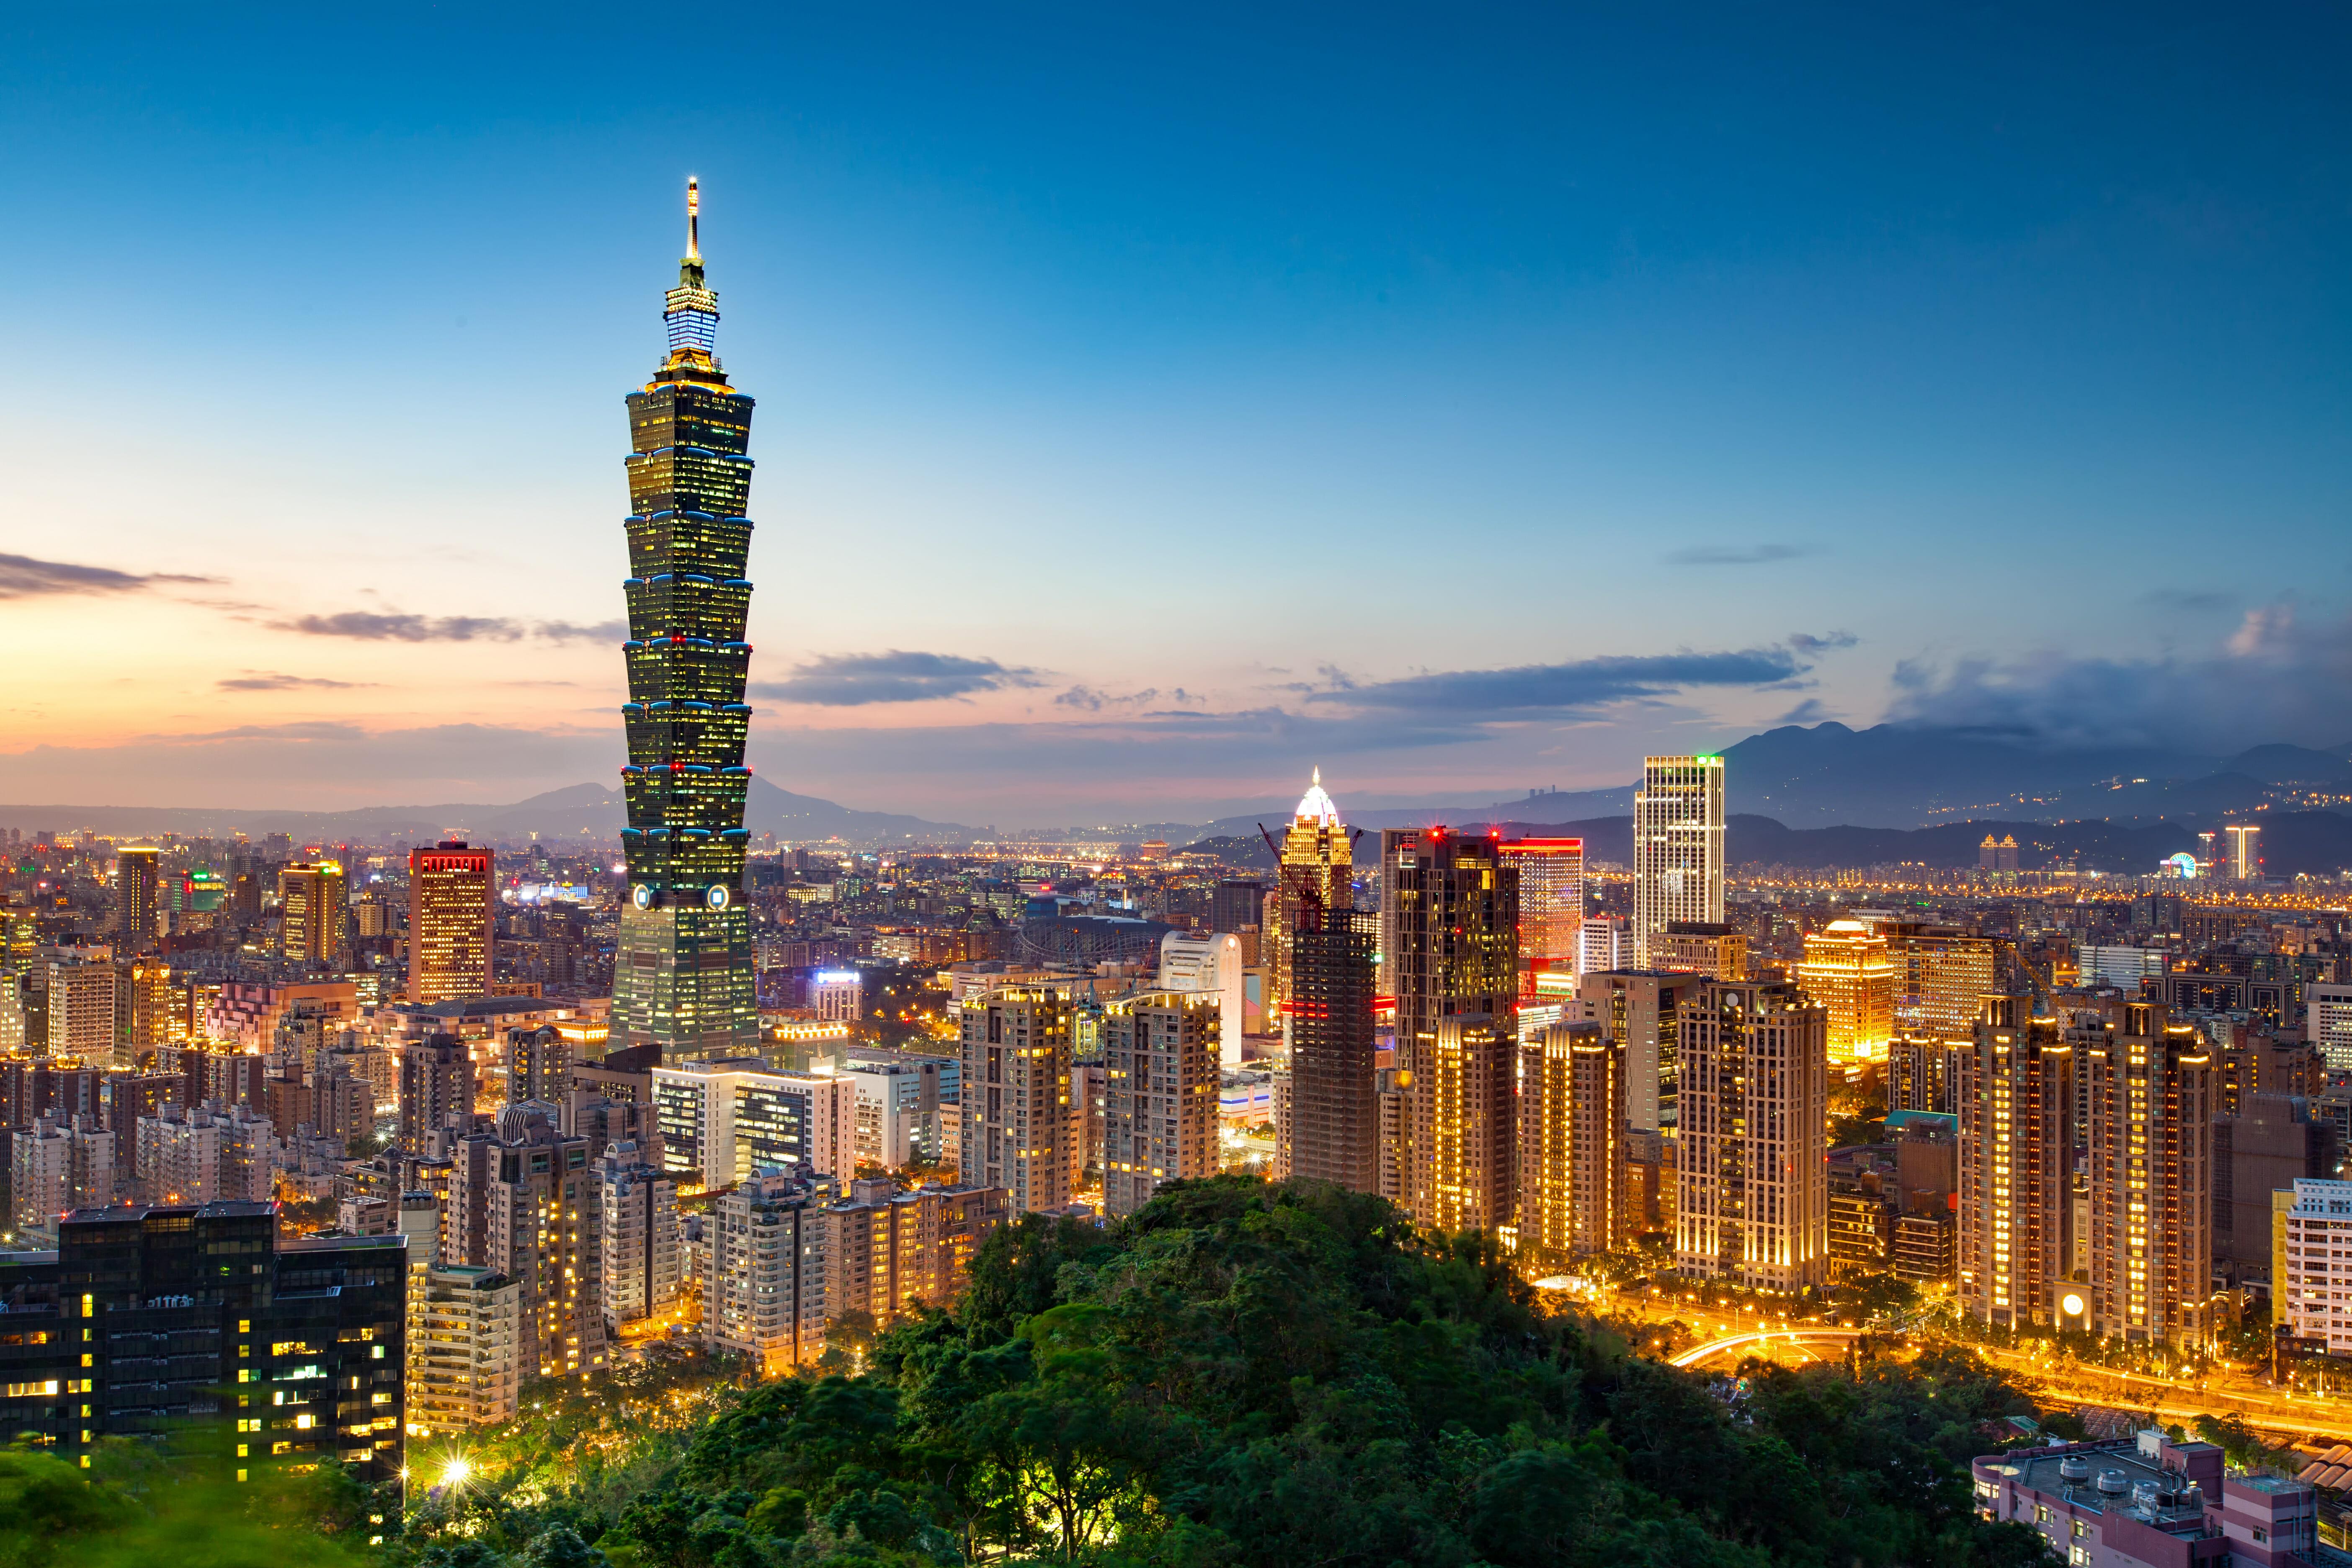 台湾の台北市の夕景。101ビル(101大楼)がひときわ目立つが、その辺りの信義區はここ20年で再開発が進んで近代的な町に変貌した。